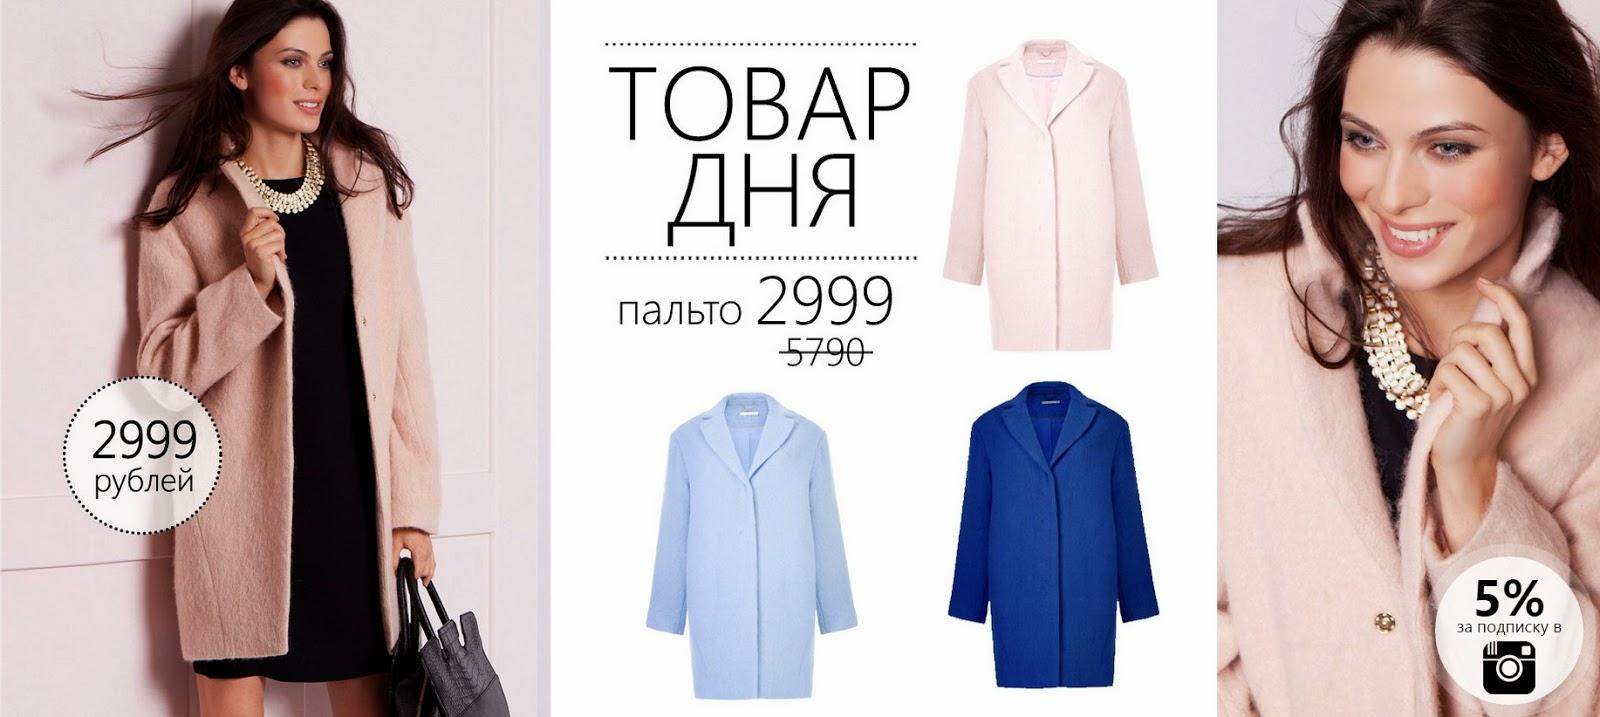 9dc31047480 Где купить весеннее пальто до 15 000 рублей  - Labriosa